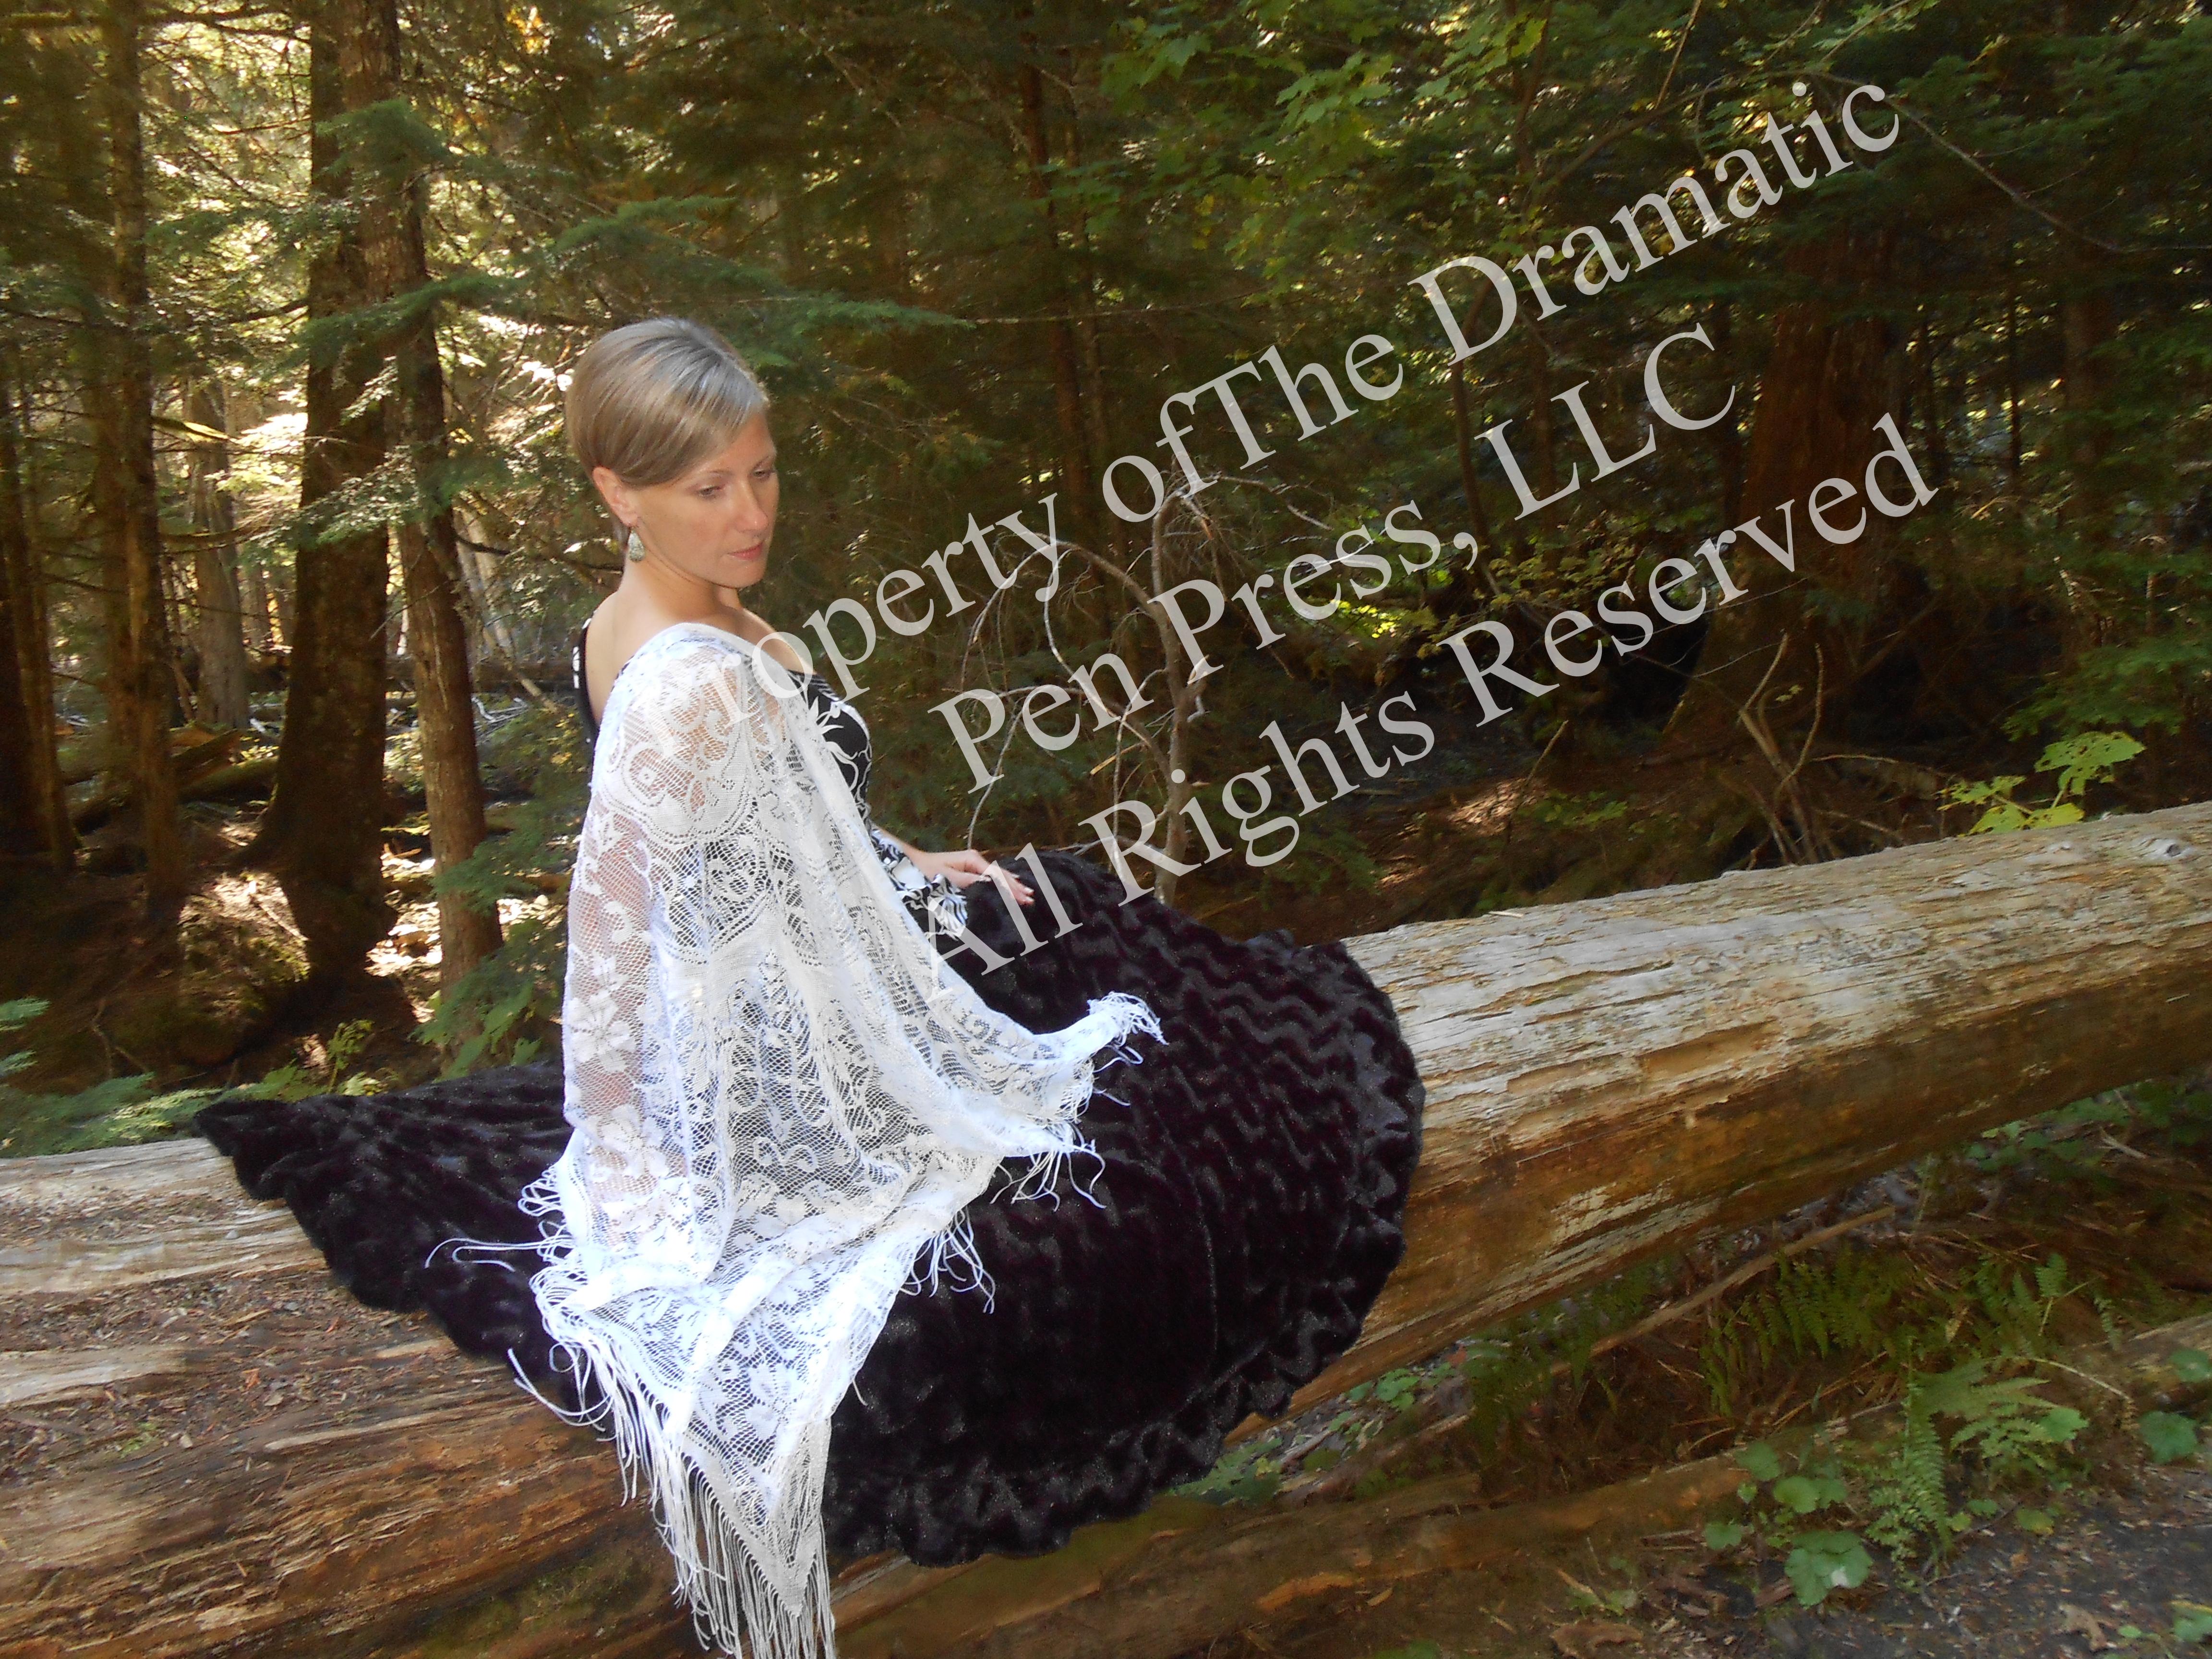 Woman on Fallen Tree Fur Blanket